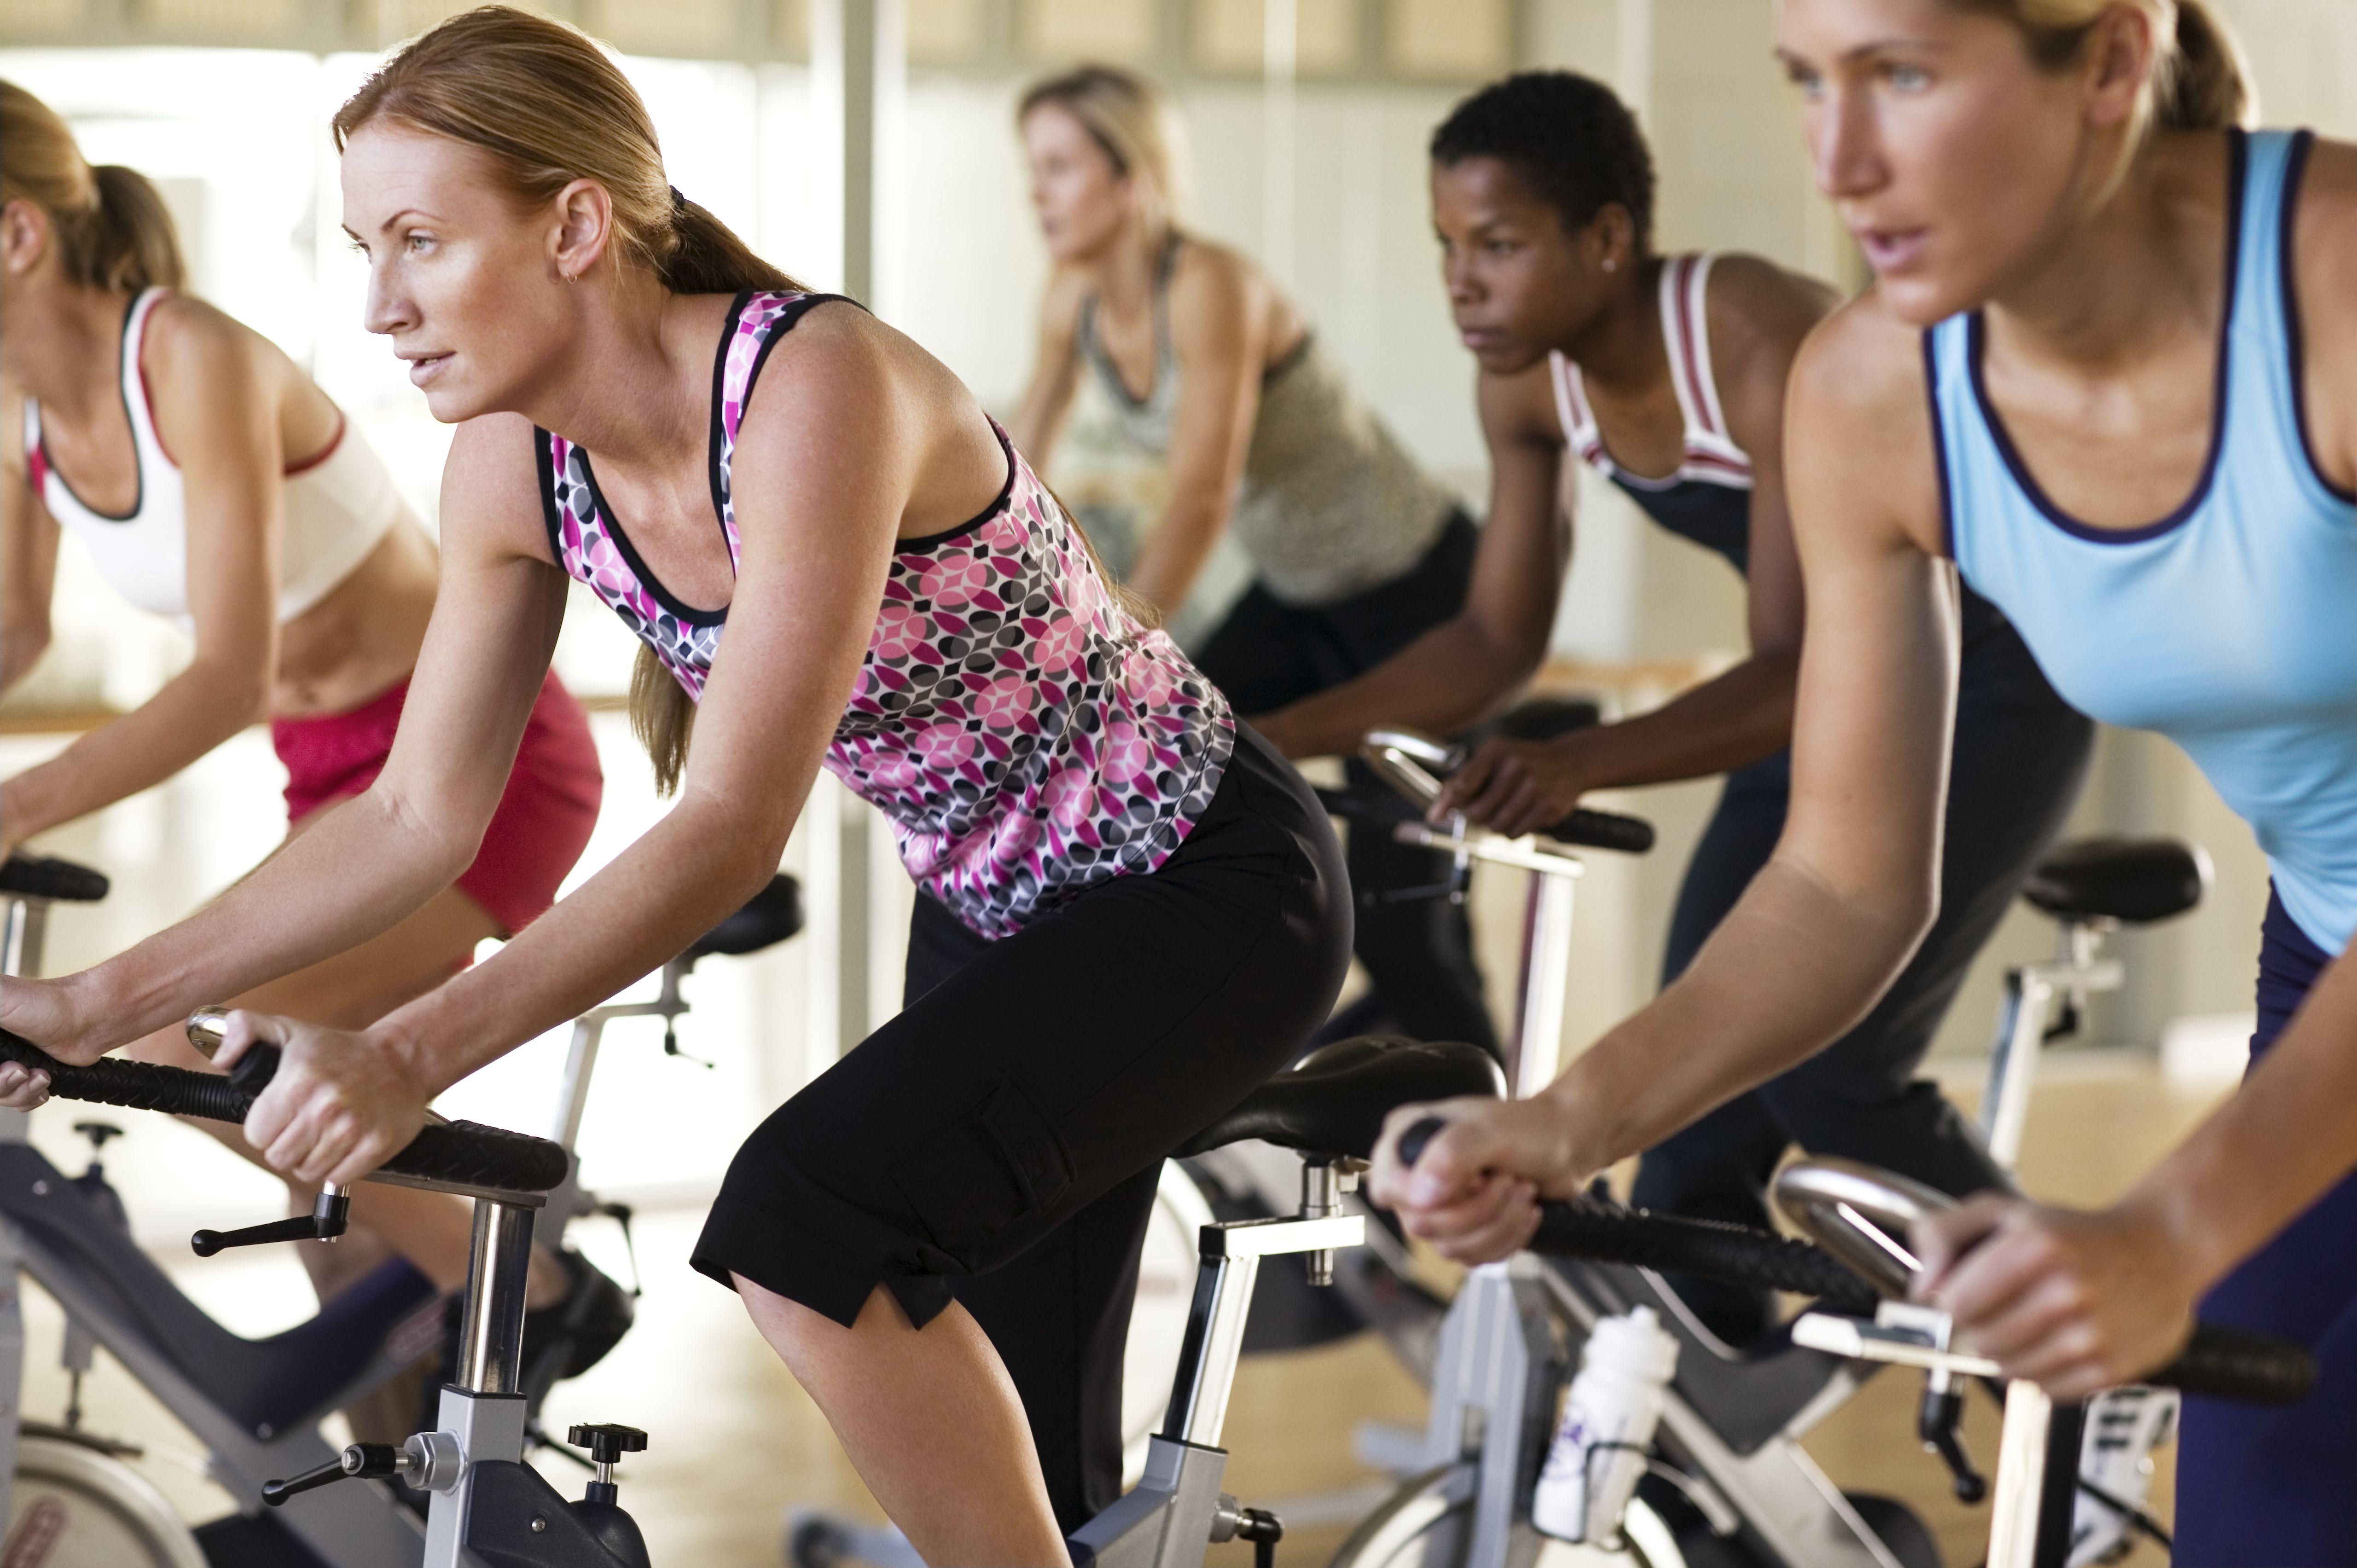 Mujeres en bicicletas de ejercicio